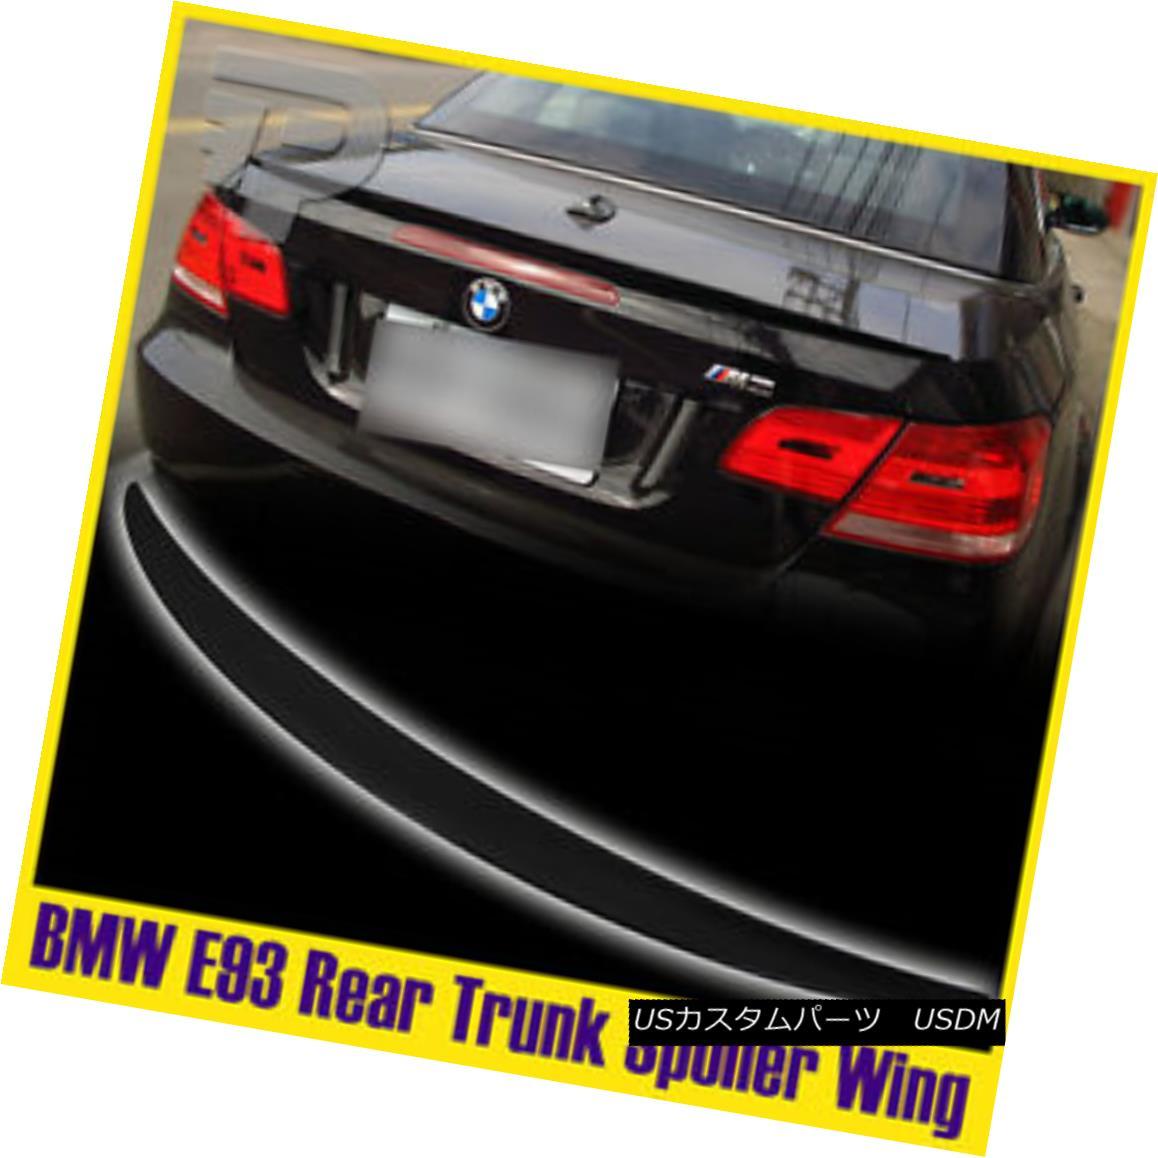 エアロパーツ Painted BMW 3-Series E93 Convertible P Rear Trunk Spoiler Wing 08-13 #475 325i ペイントされたBMW 3シリーズE93コンバーチブルPリアトランク・スポイラー・ウィング08-13#475 325i